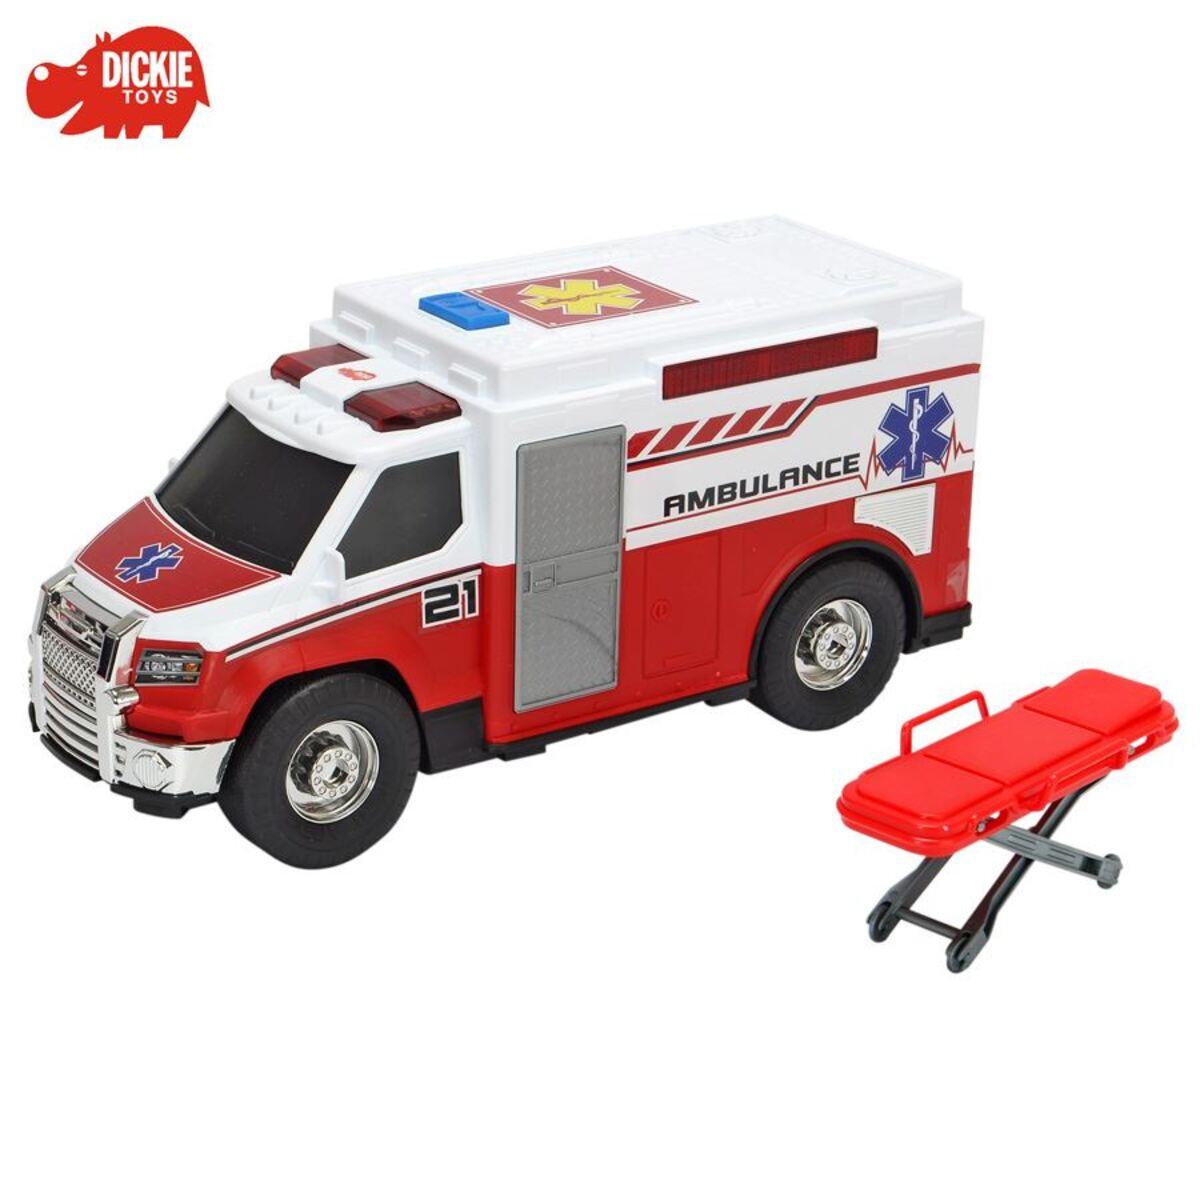 Bild 1 von Dickie Toys Ambulanzfahrzeug